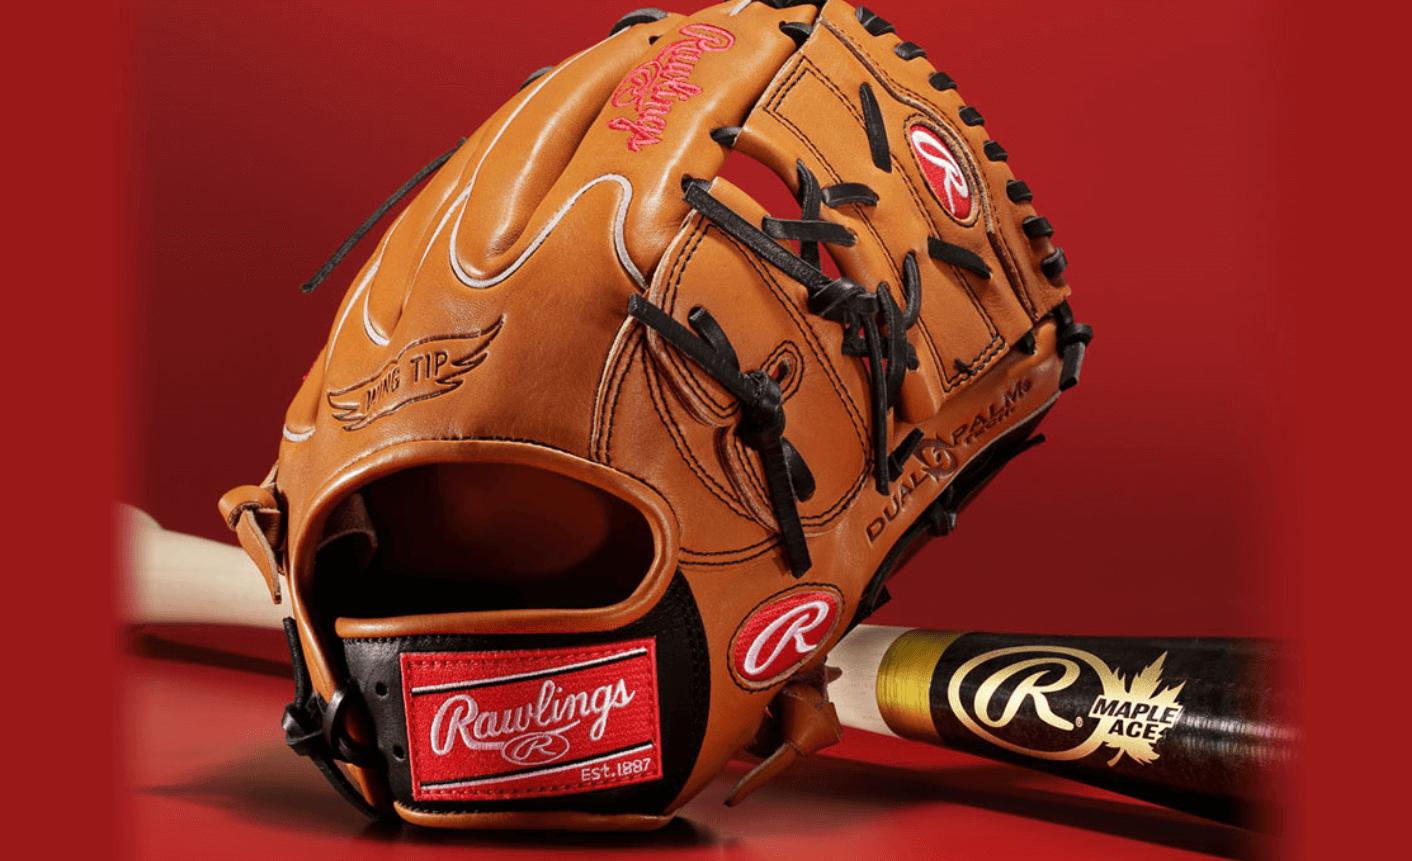 野球シーズン到来!大人気ローリングス2016春夏モデルの新作グラブ続々入荷中!